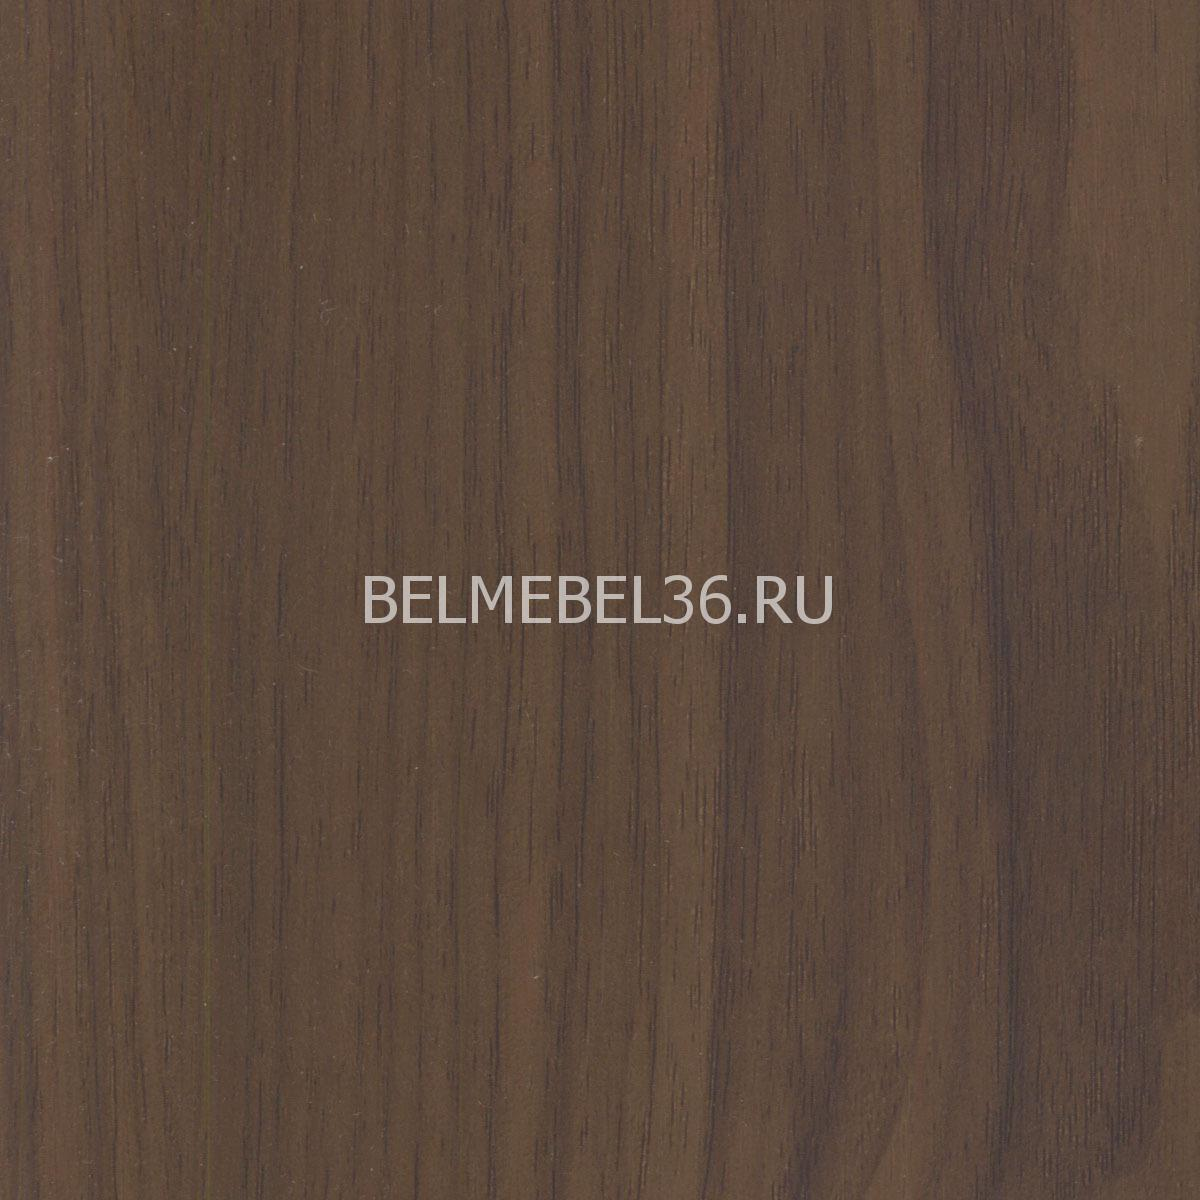 Диван Линда (3М) П-Д138 | Белорусская мебель в Воронеже